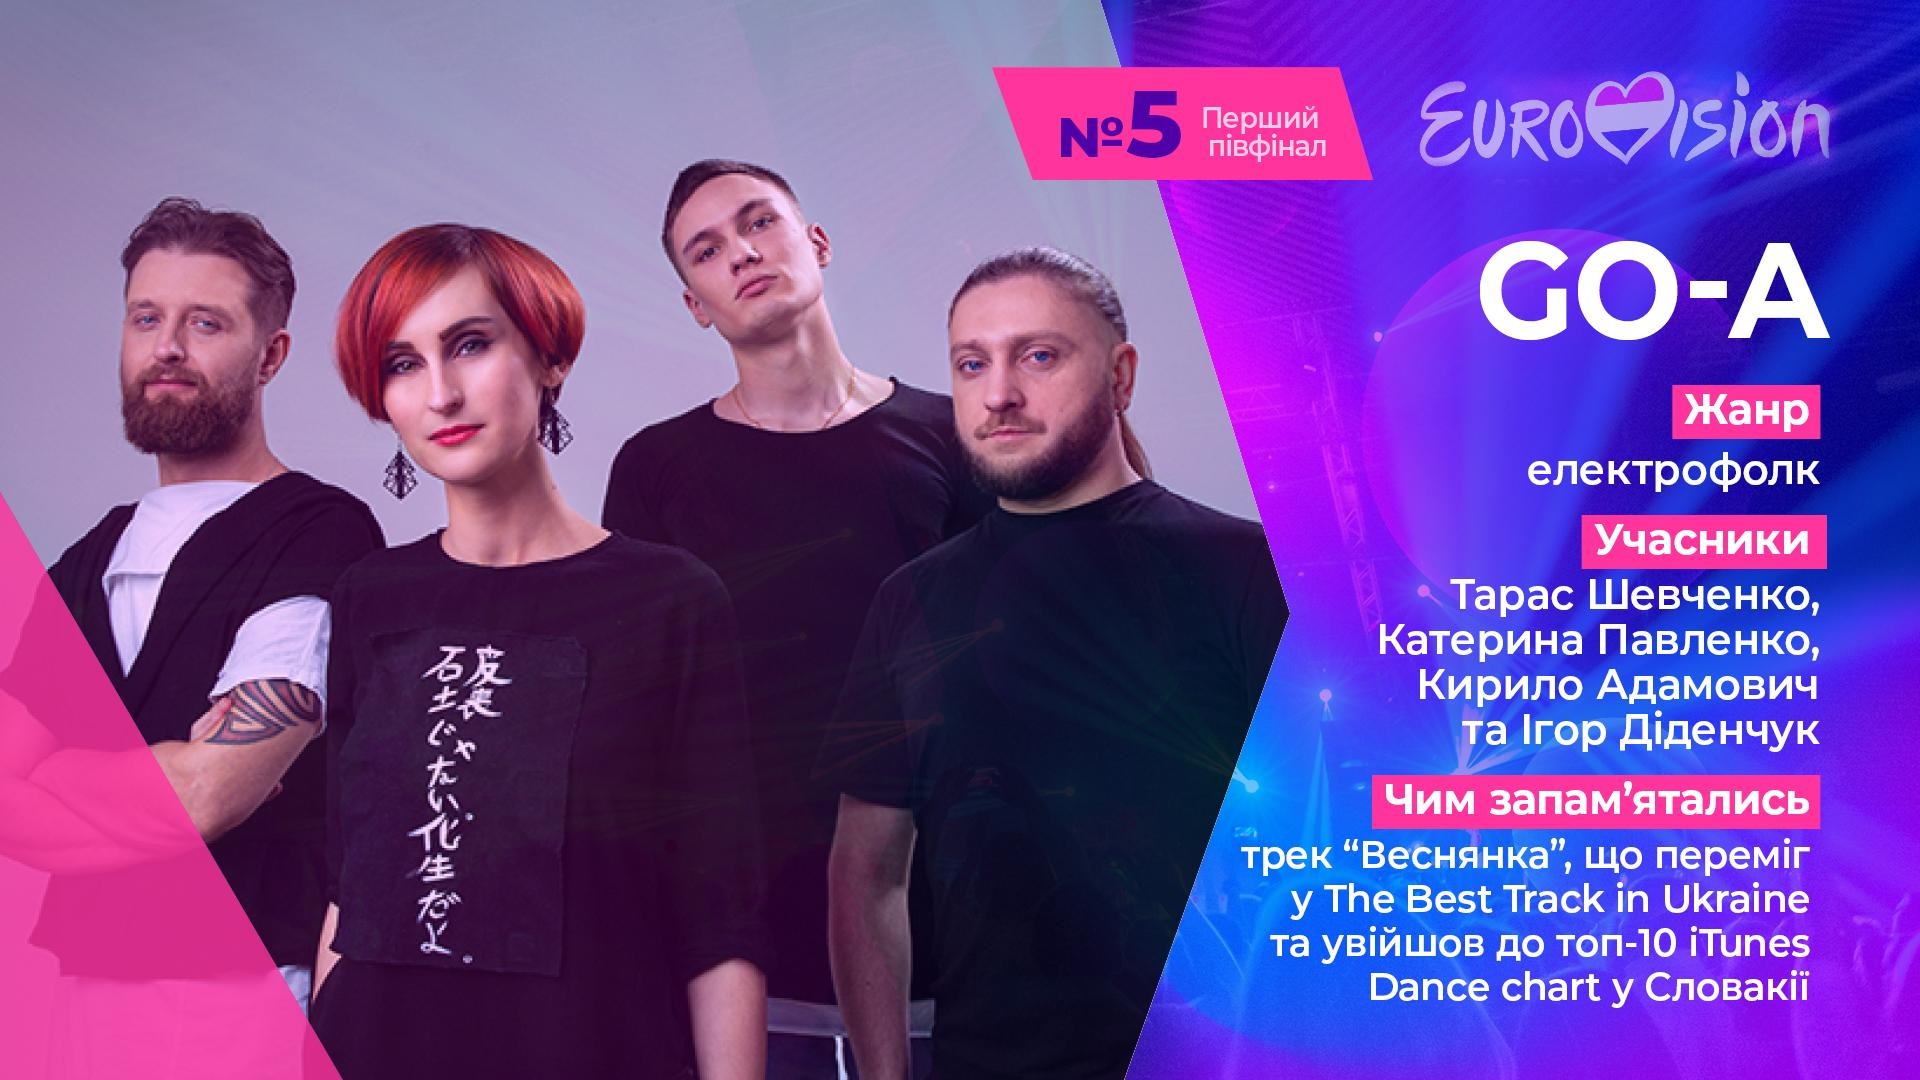 Катерина Павленко, GО-А, Євробачення